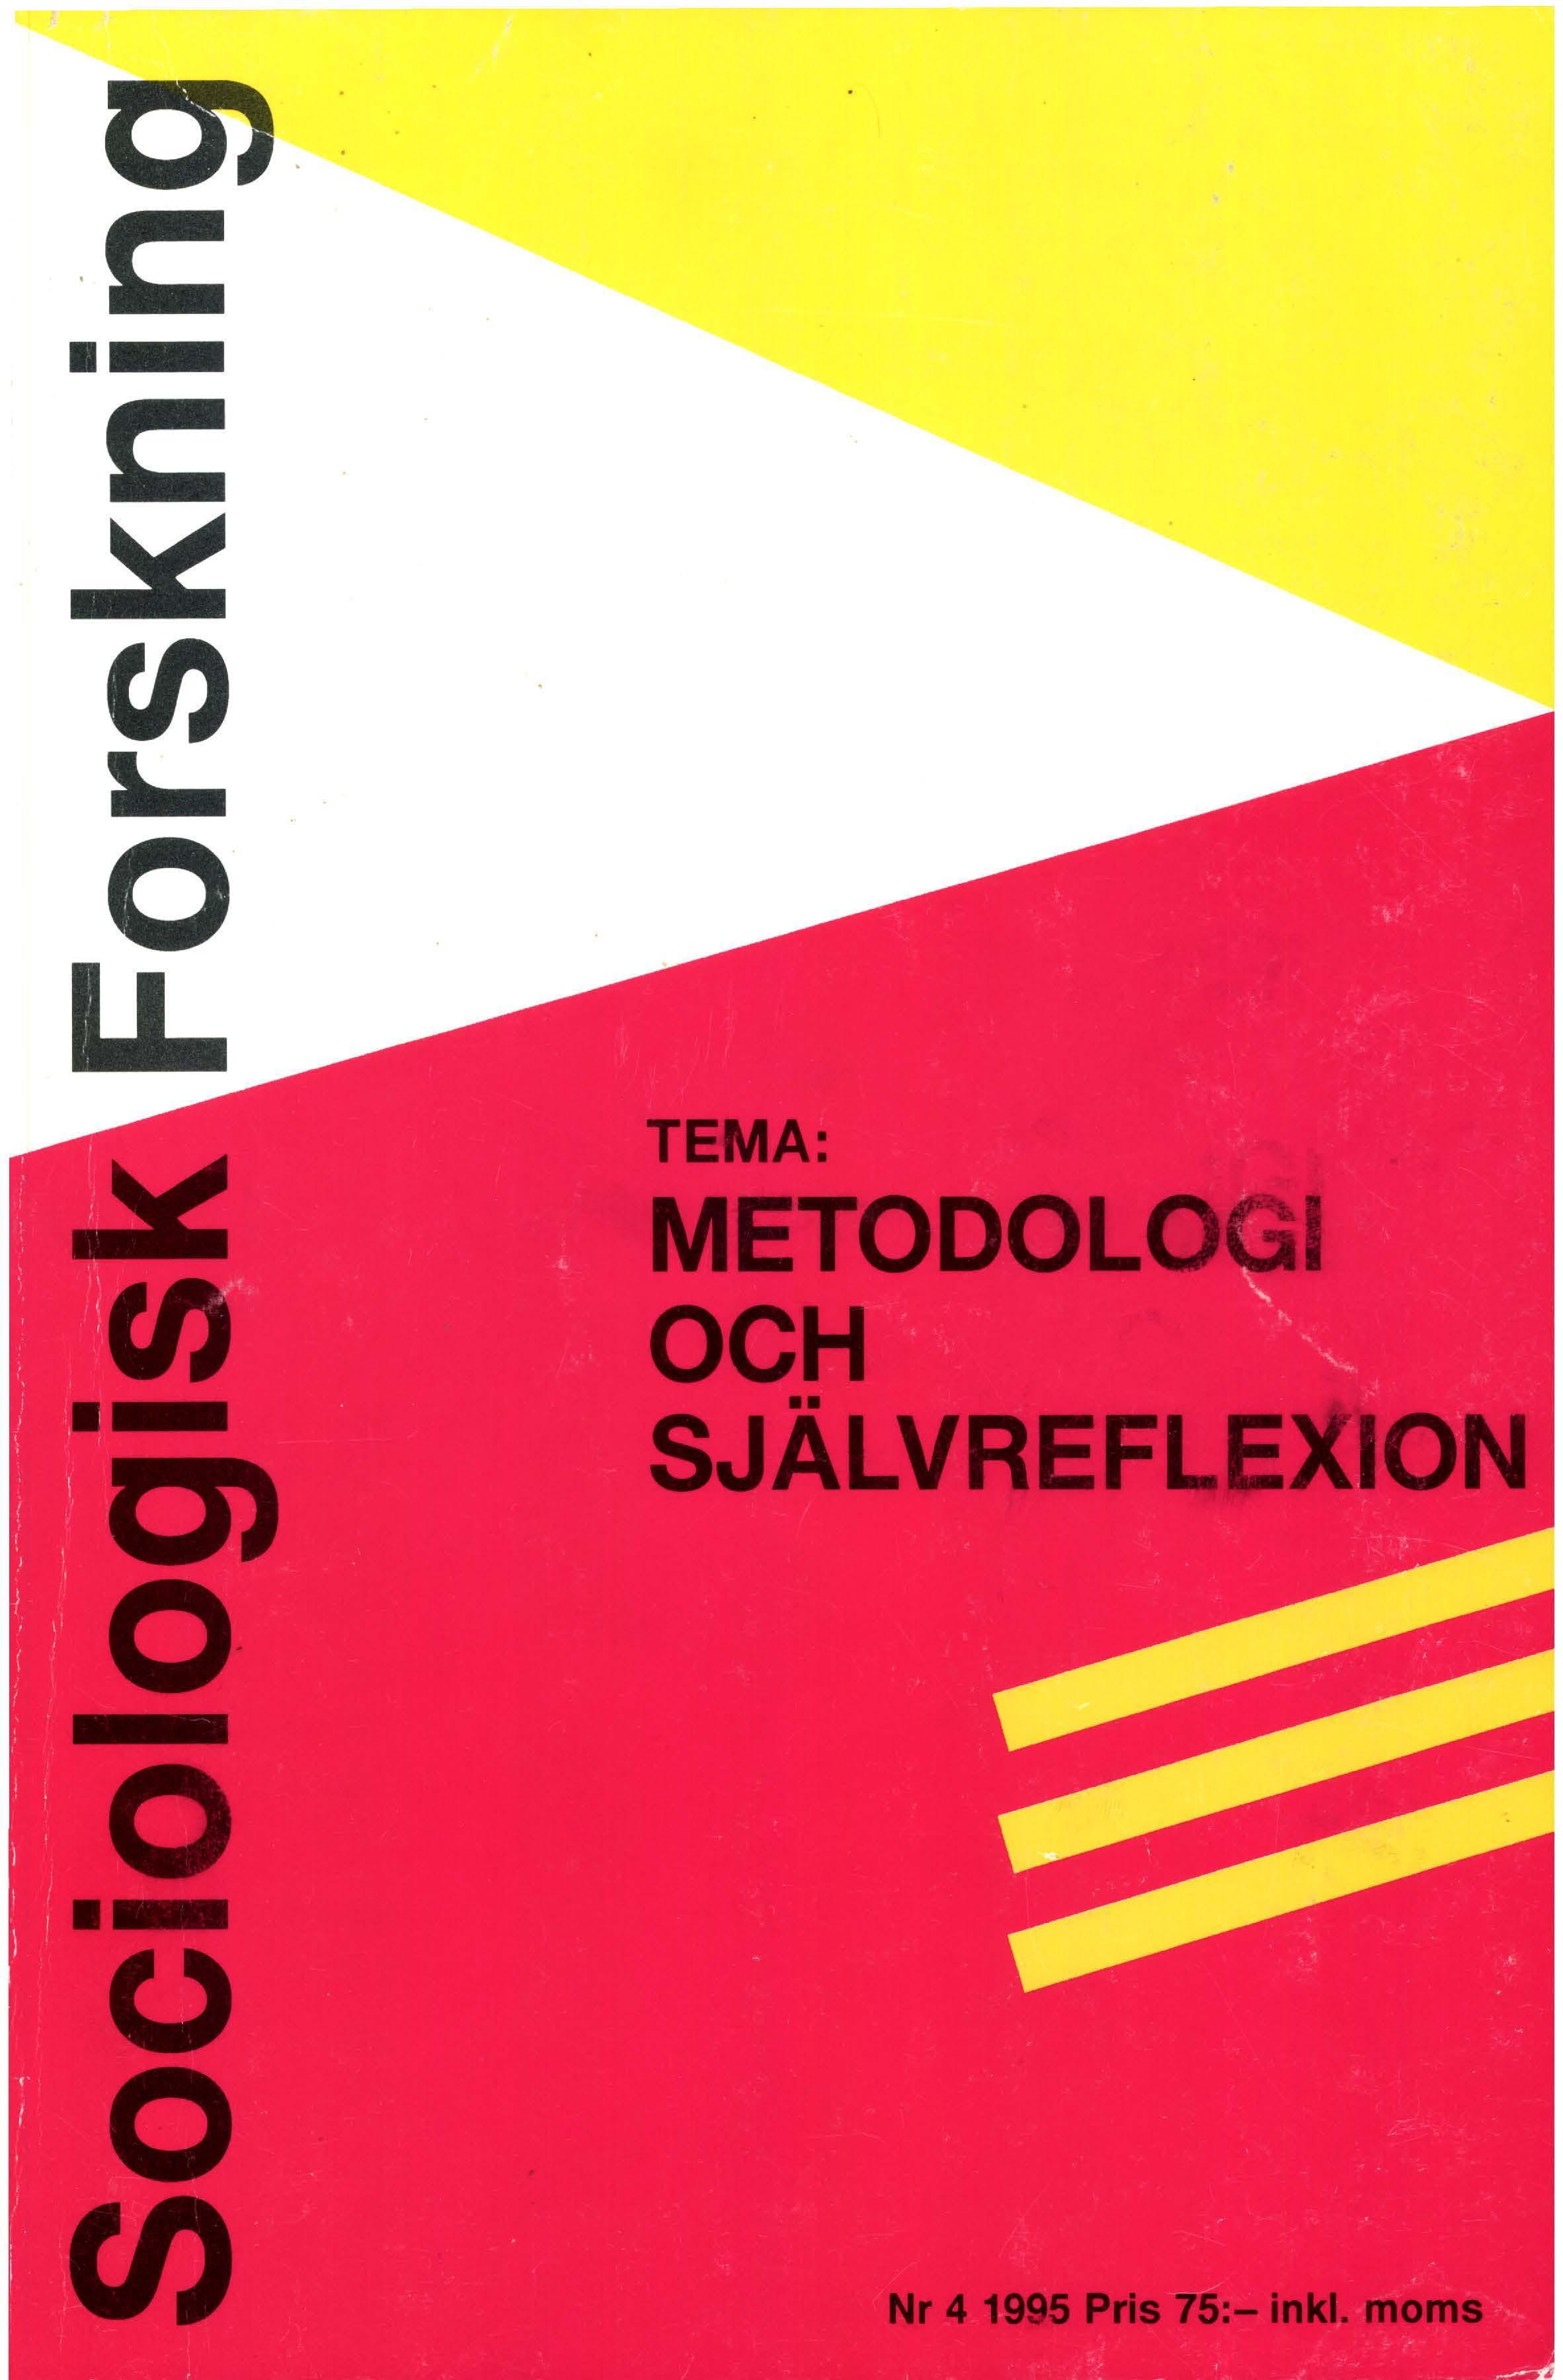 Visa Vol 32 Nr 4 (1995): Tema: Metodologi och självreflektion